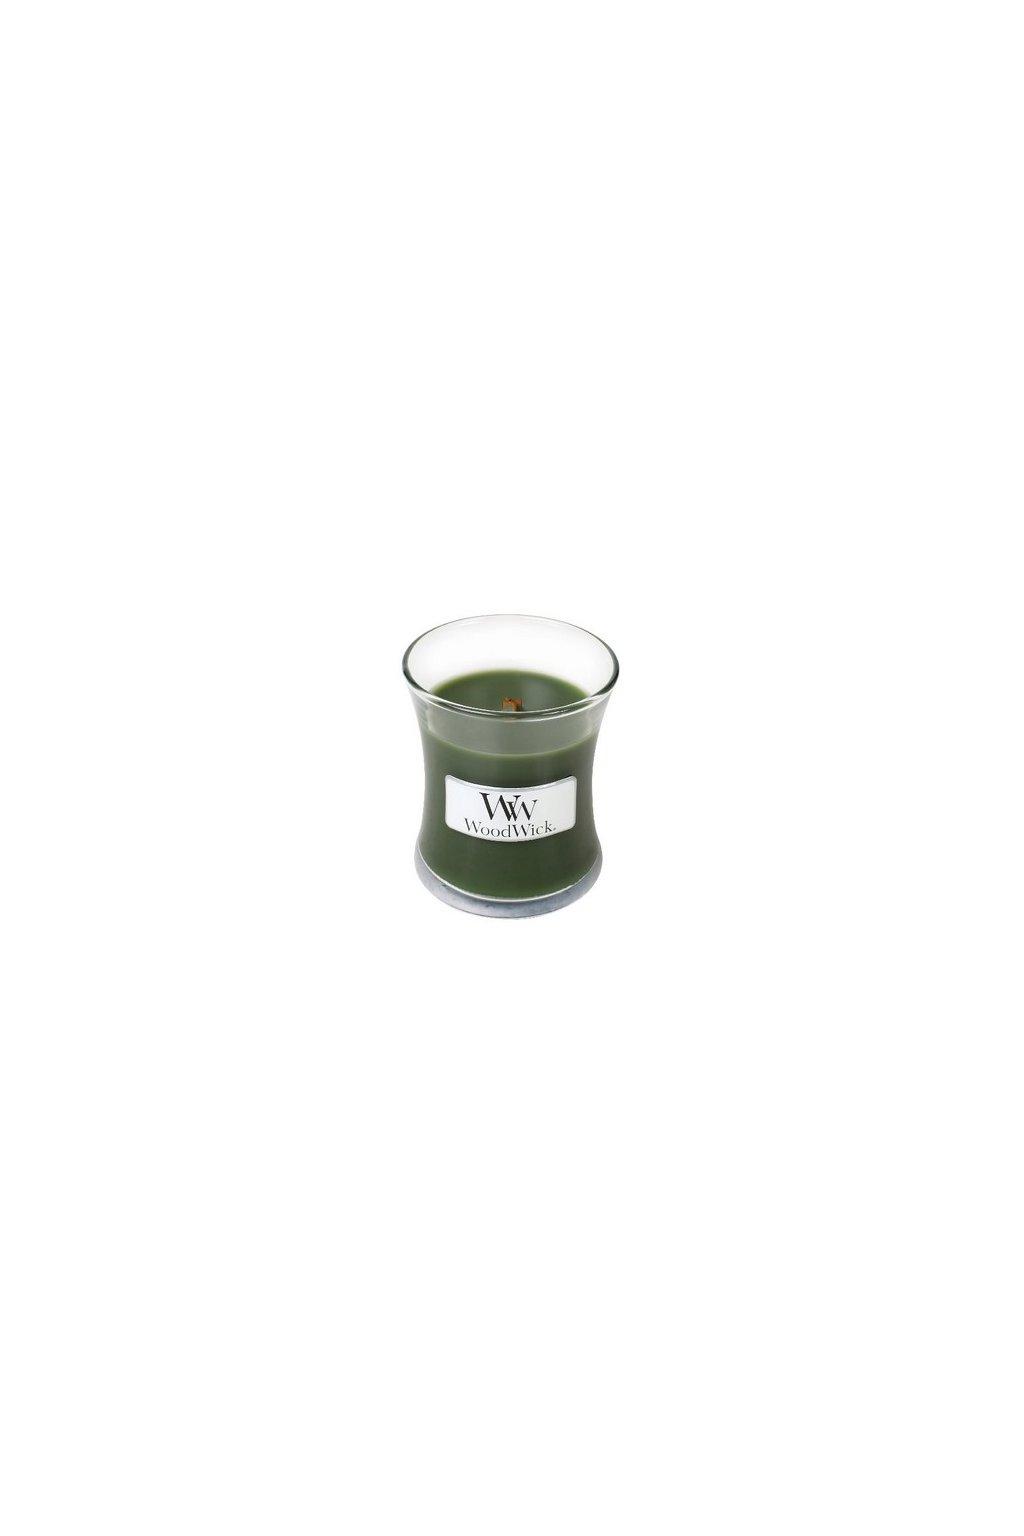 Woodwick Frasier Fir váza malá 85g